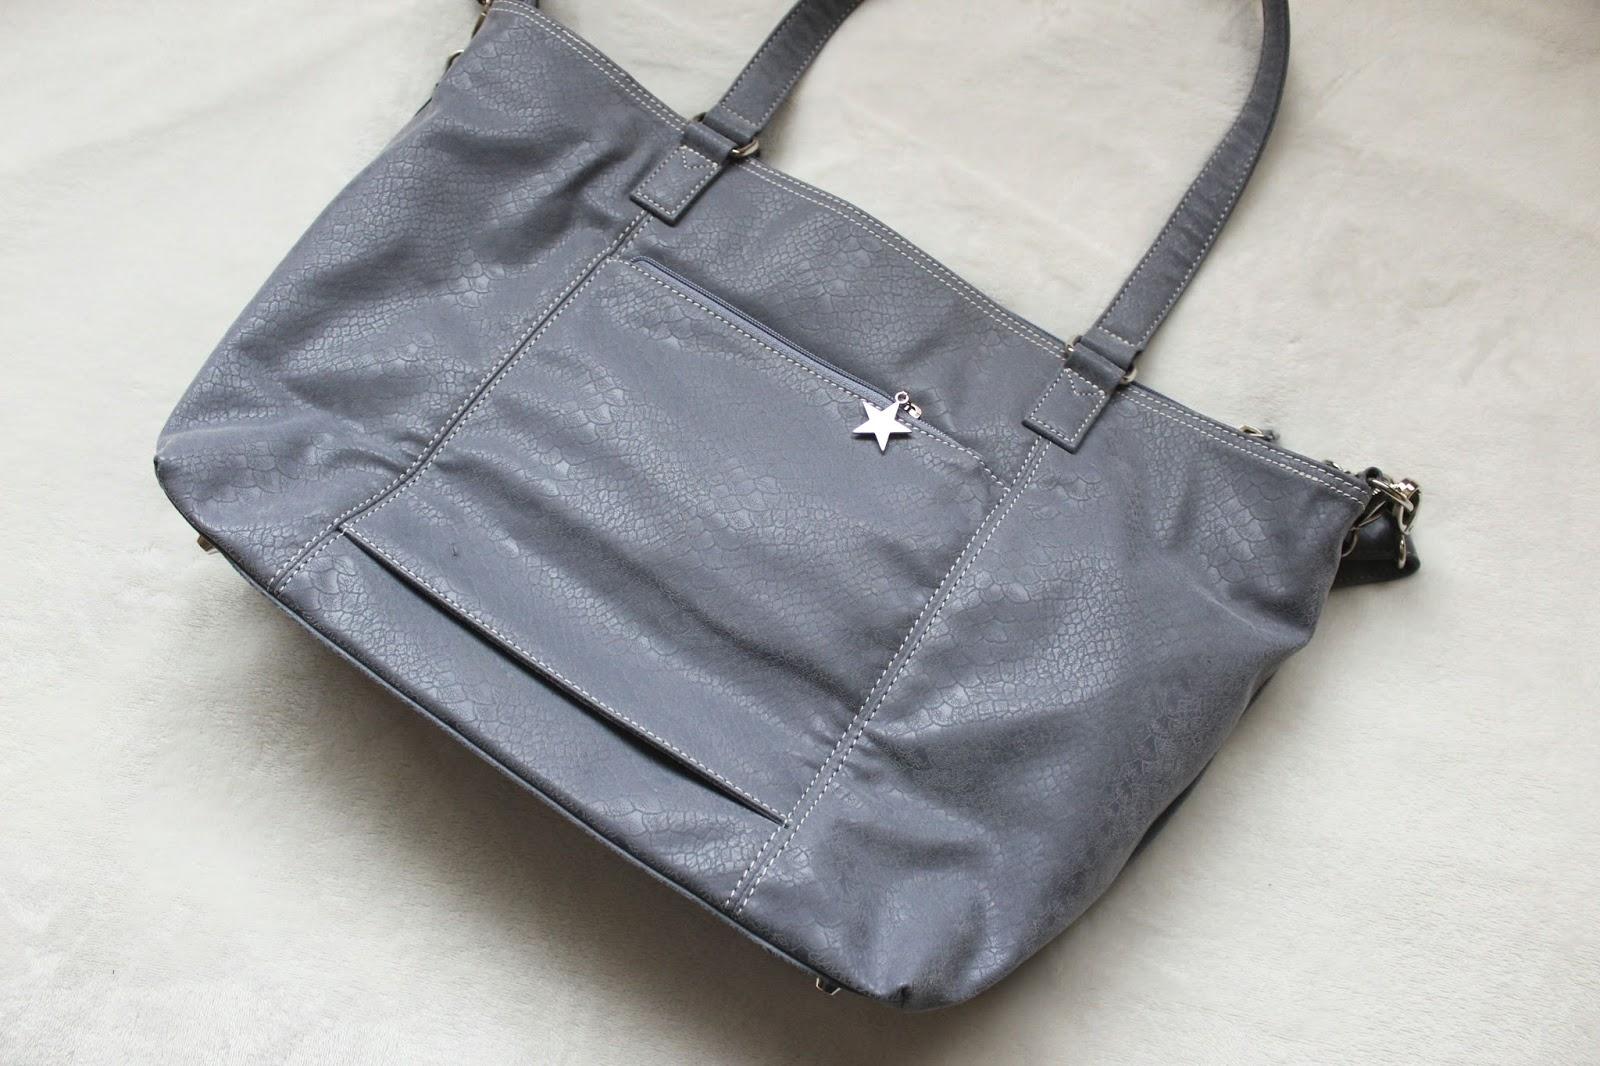 Large grey handbag on white background